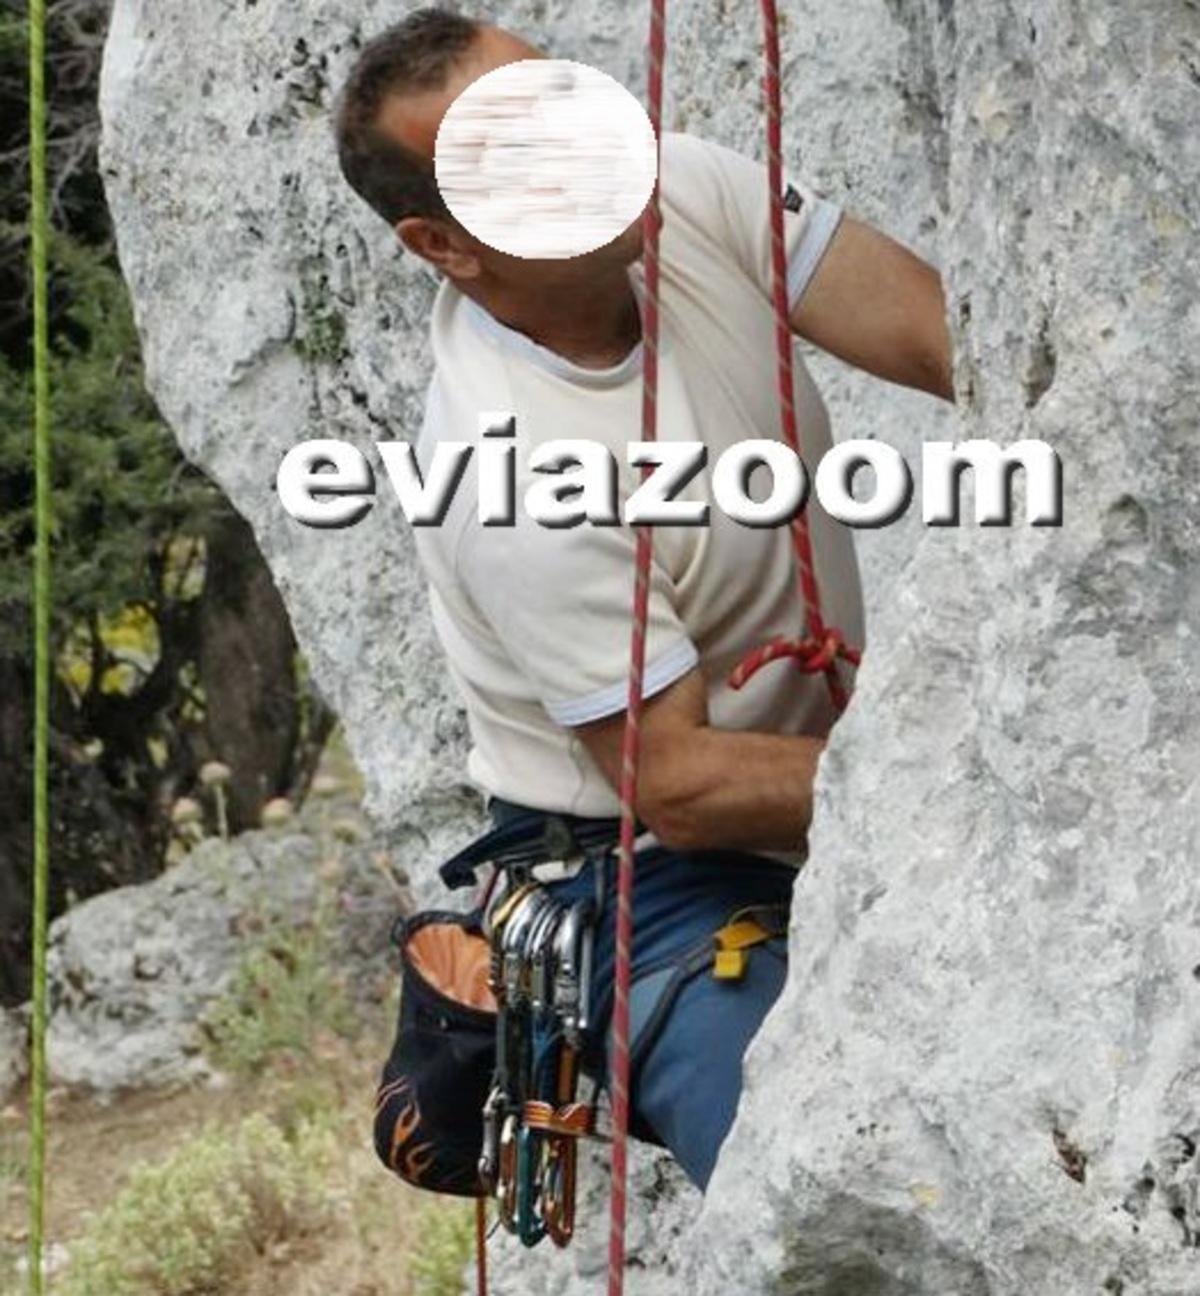 Στο πένθος η Χαλκίδα! Ξεψύχησε ο ορειβάτης που κατέκτησε τον Όλυμπο! | Newsit.gr